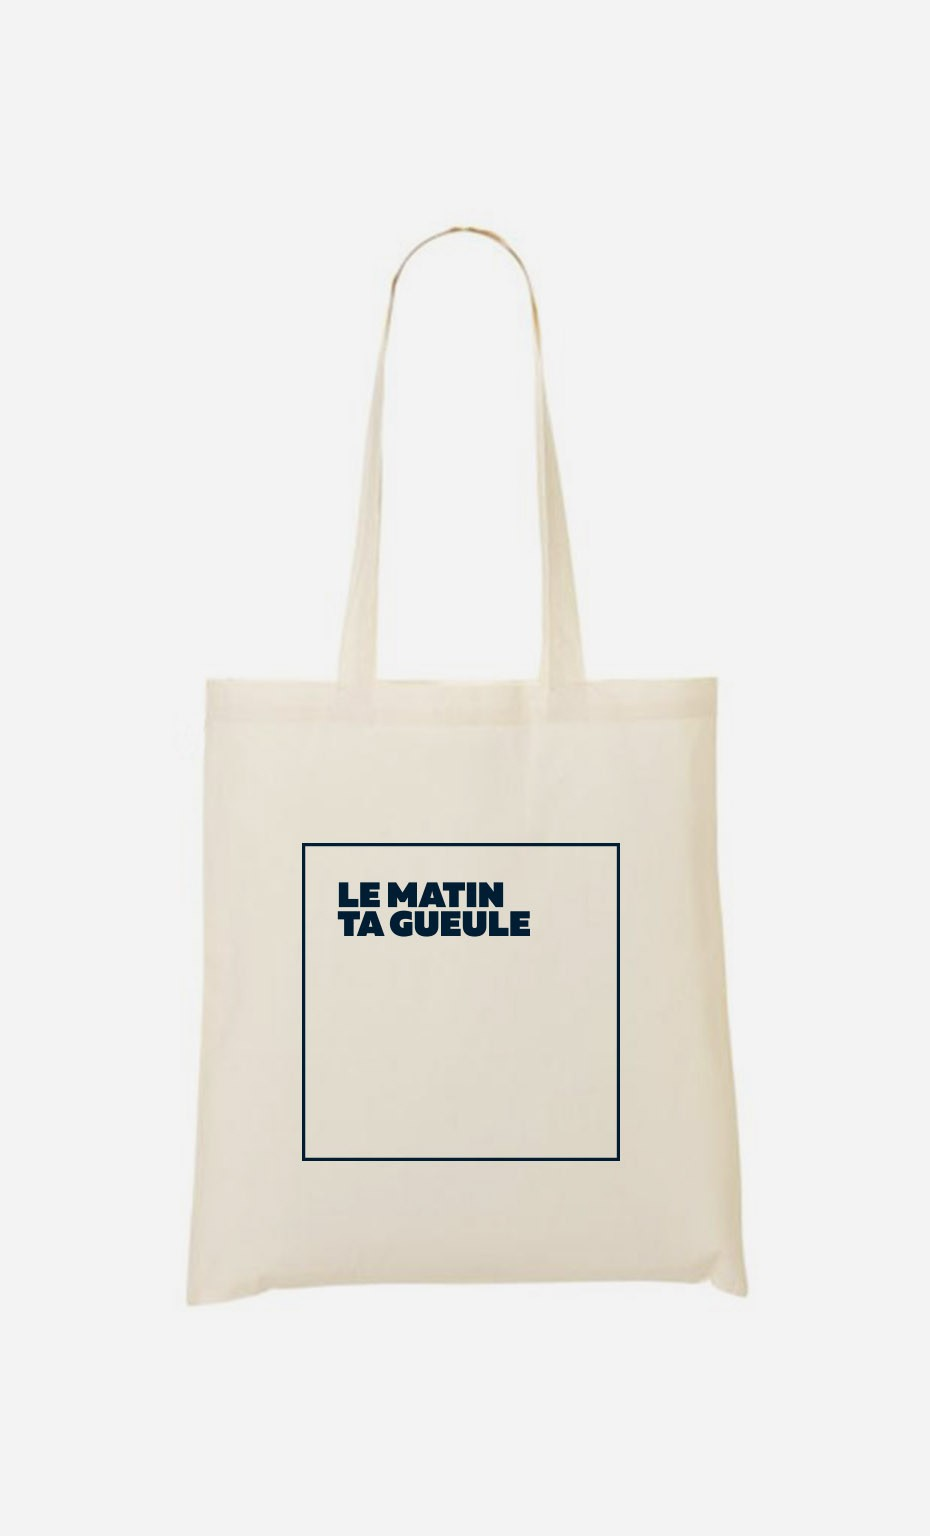 Tote Bag Le Matin Ta Gueule